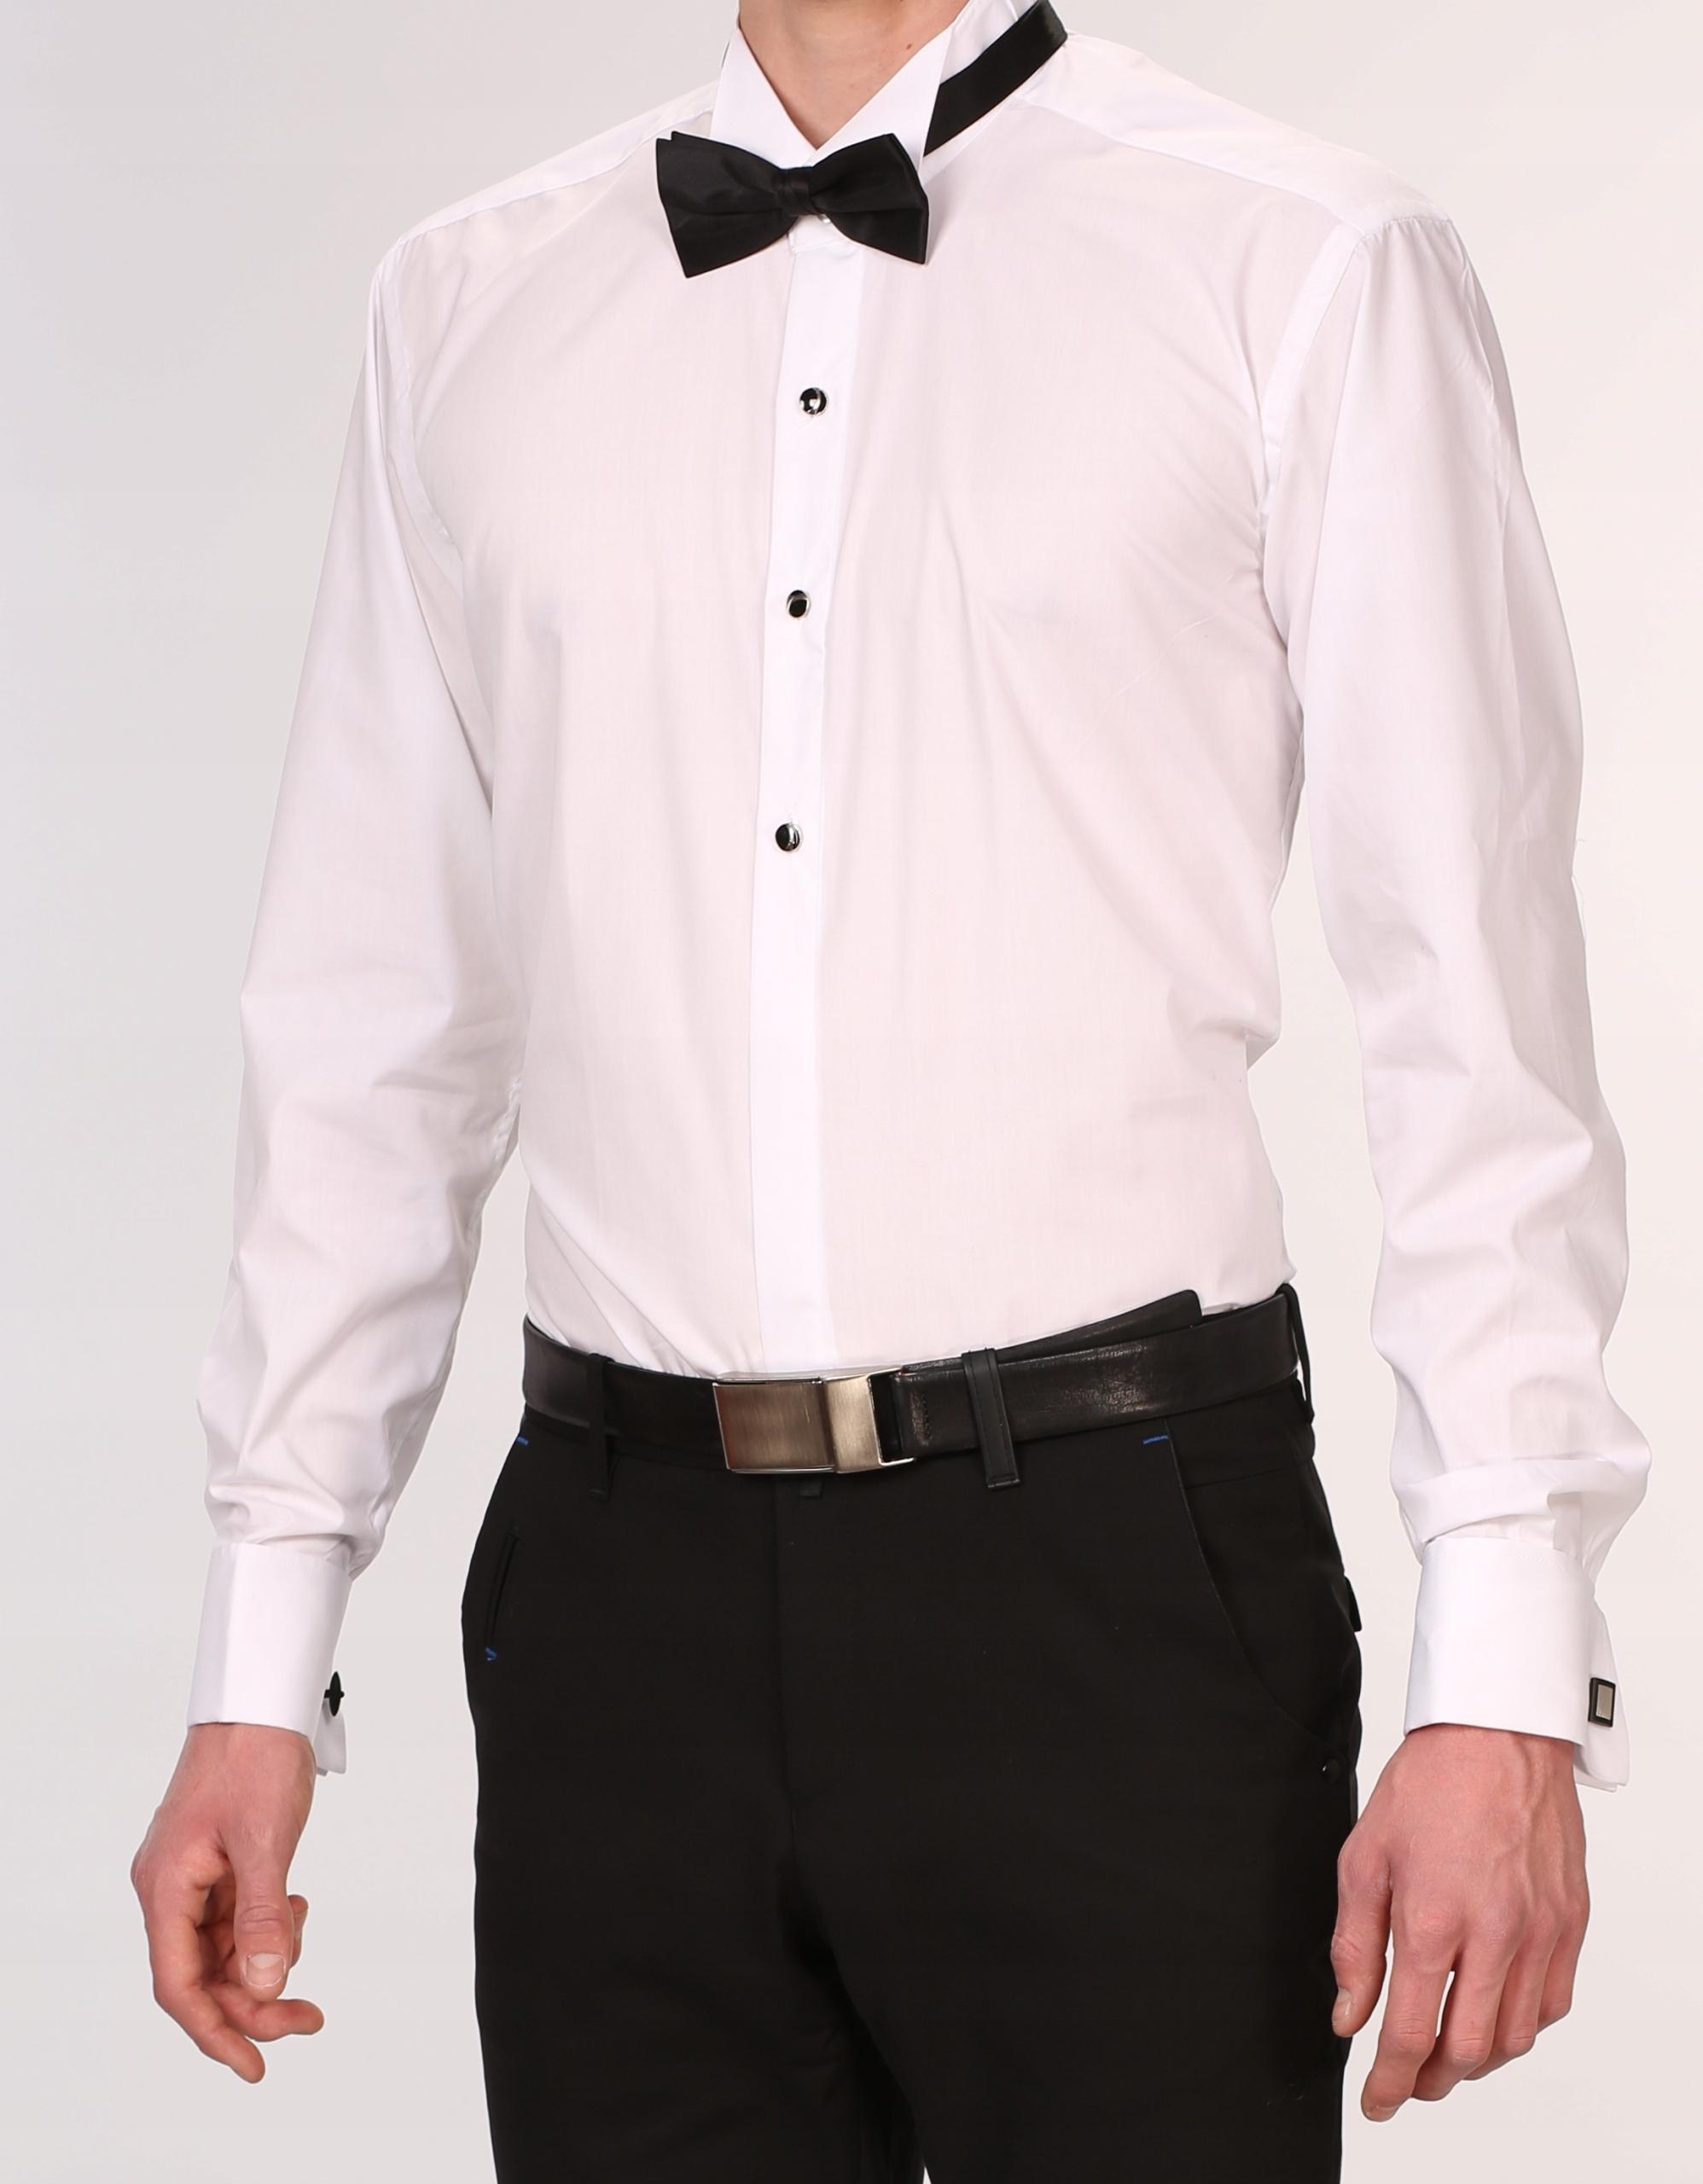 KOSZULA męska biała DO MUCHY 3XL mankiet na SPINKI